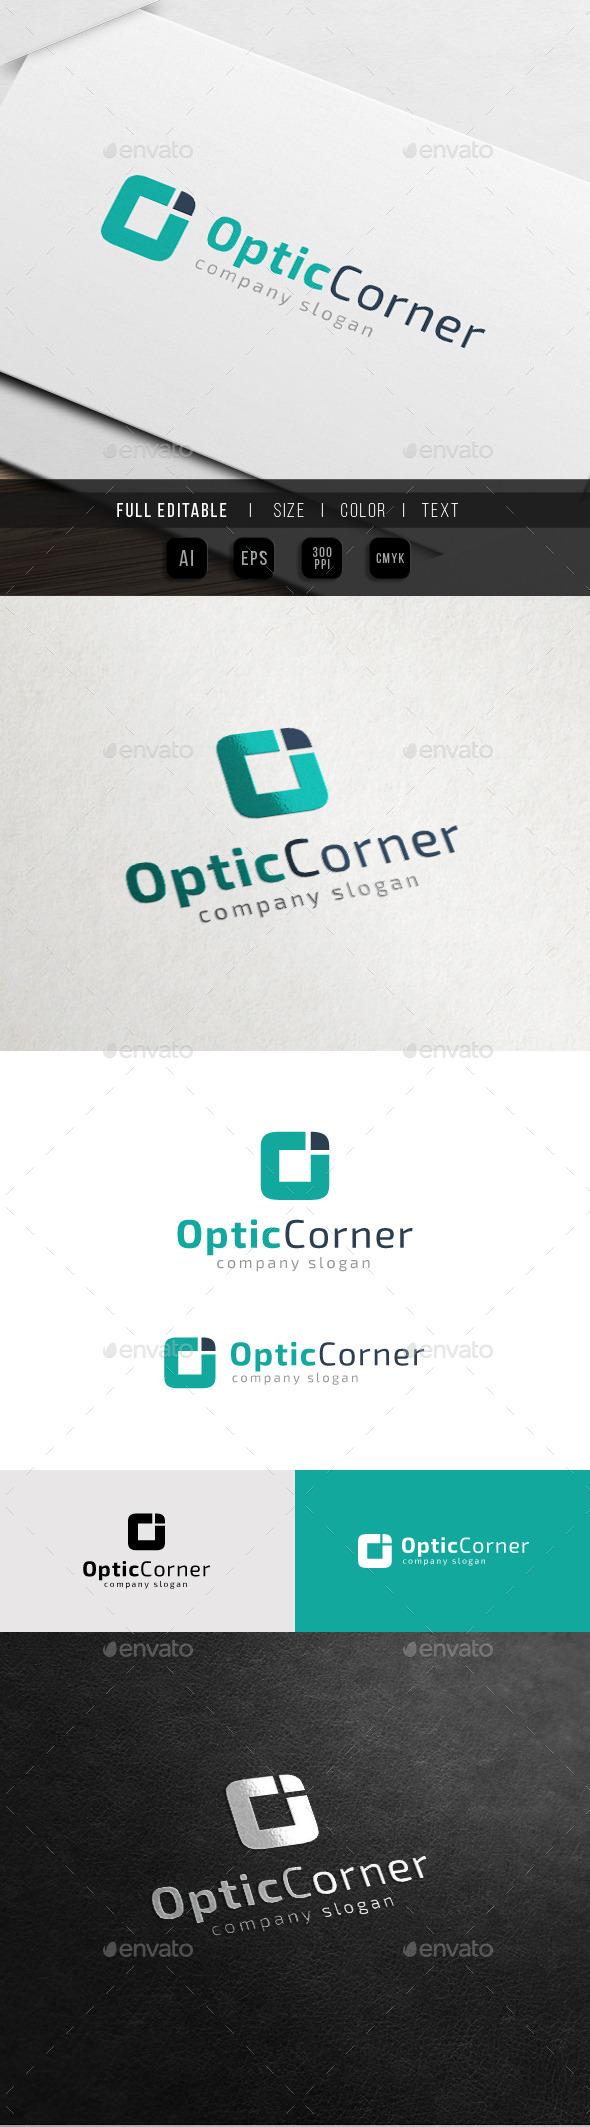 Optic Corner - Letter O Logo